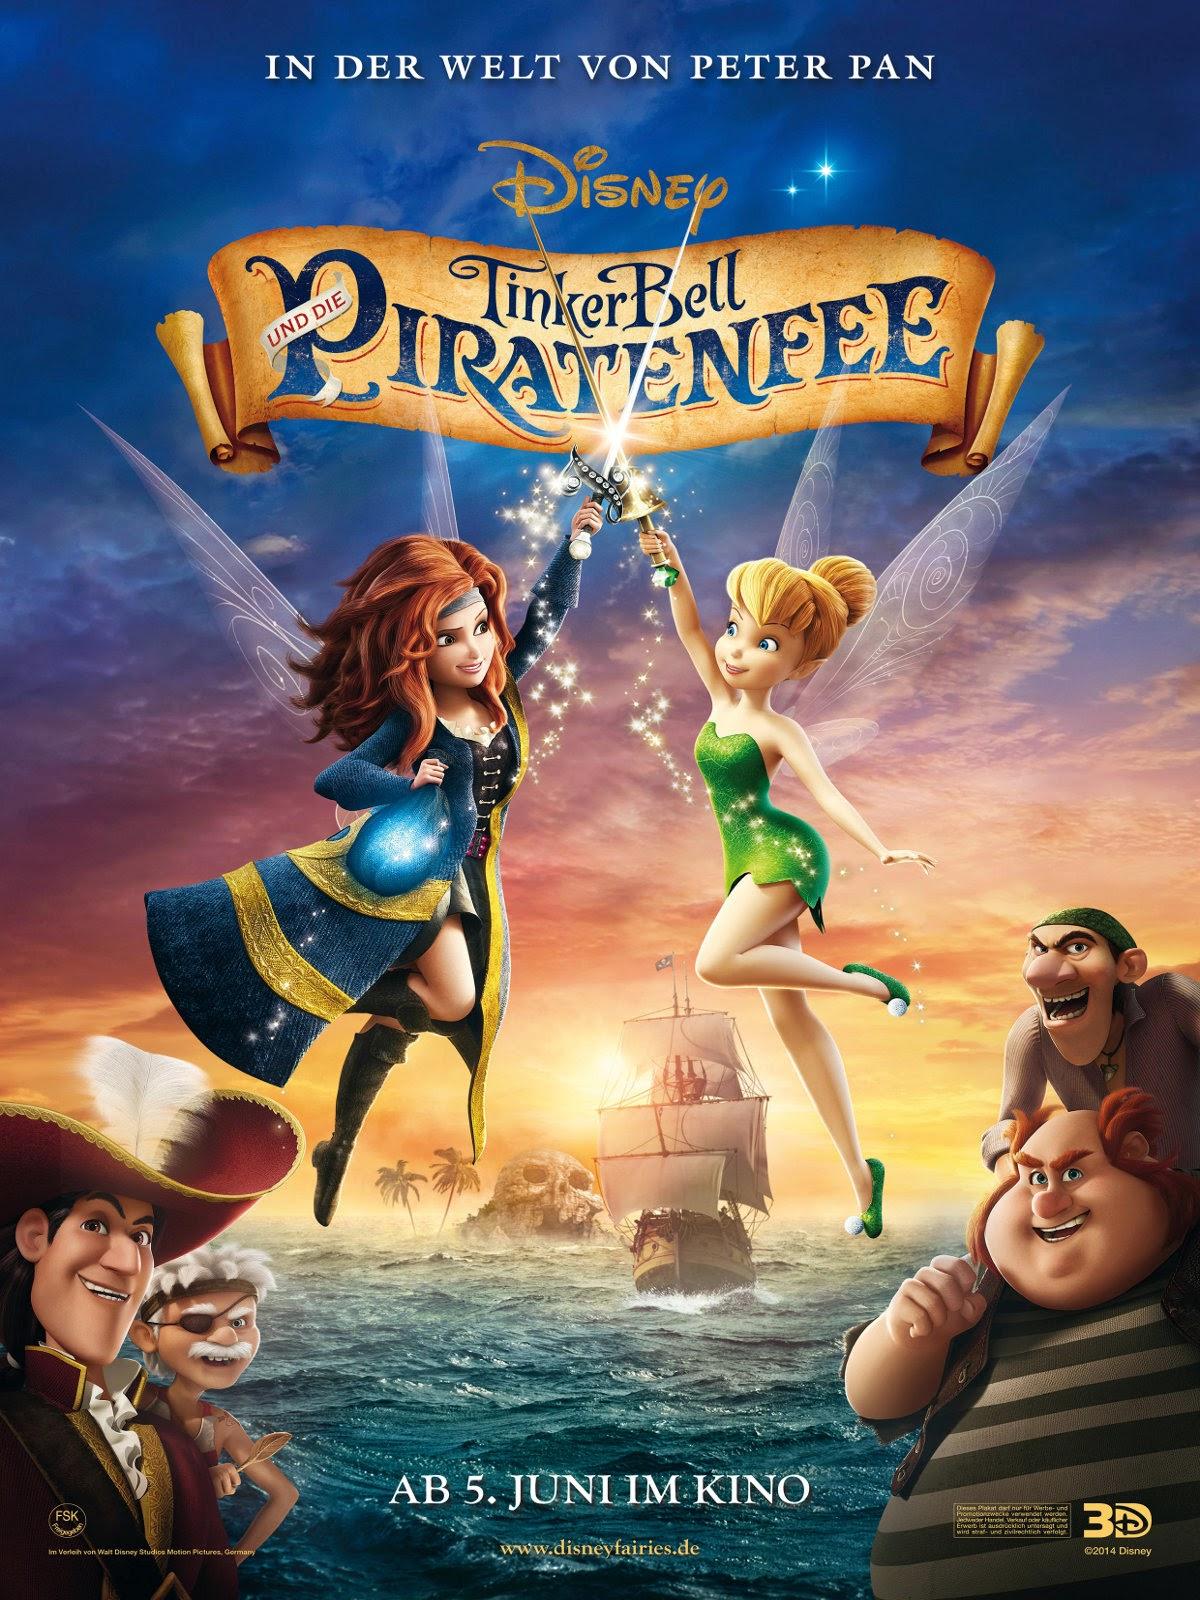 Sdb-Film: Tinkerbell Und Die Piratenfee verwandt mit Tinkerbell Und Die Piratenfee Krokodil